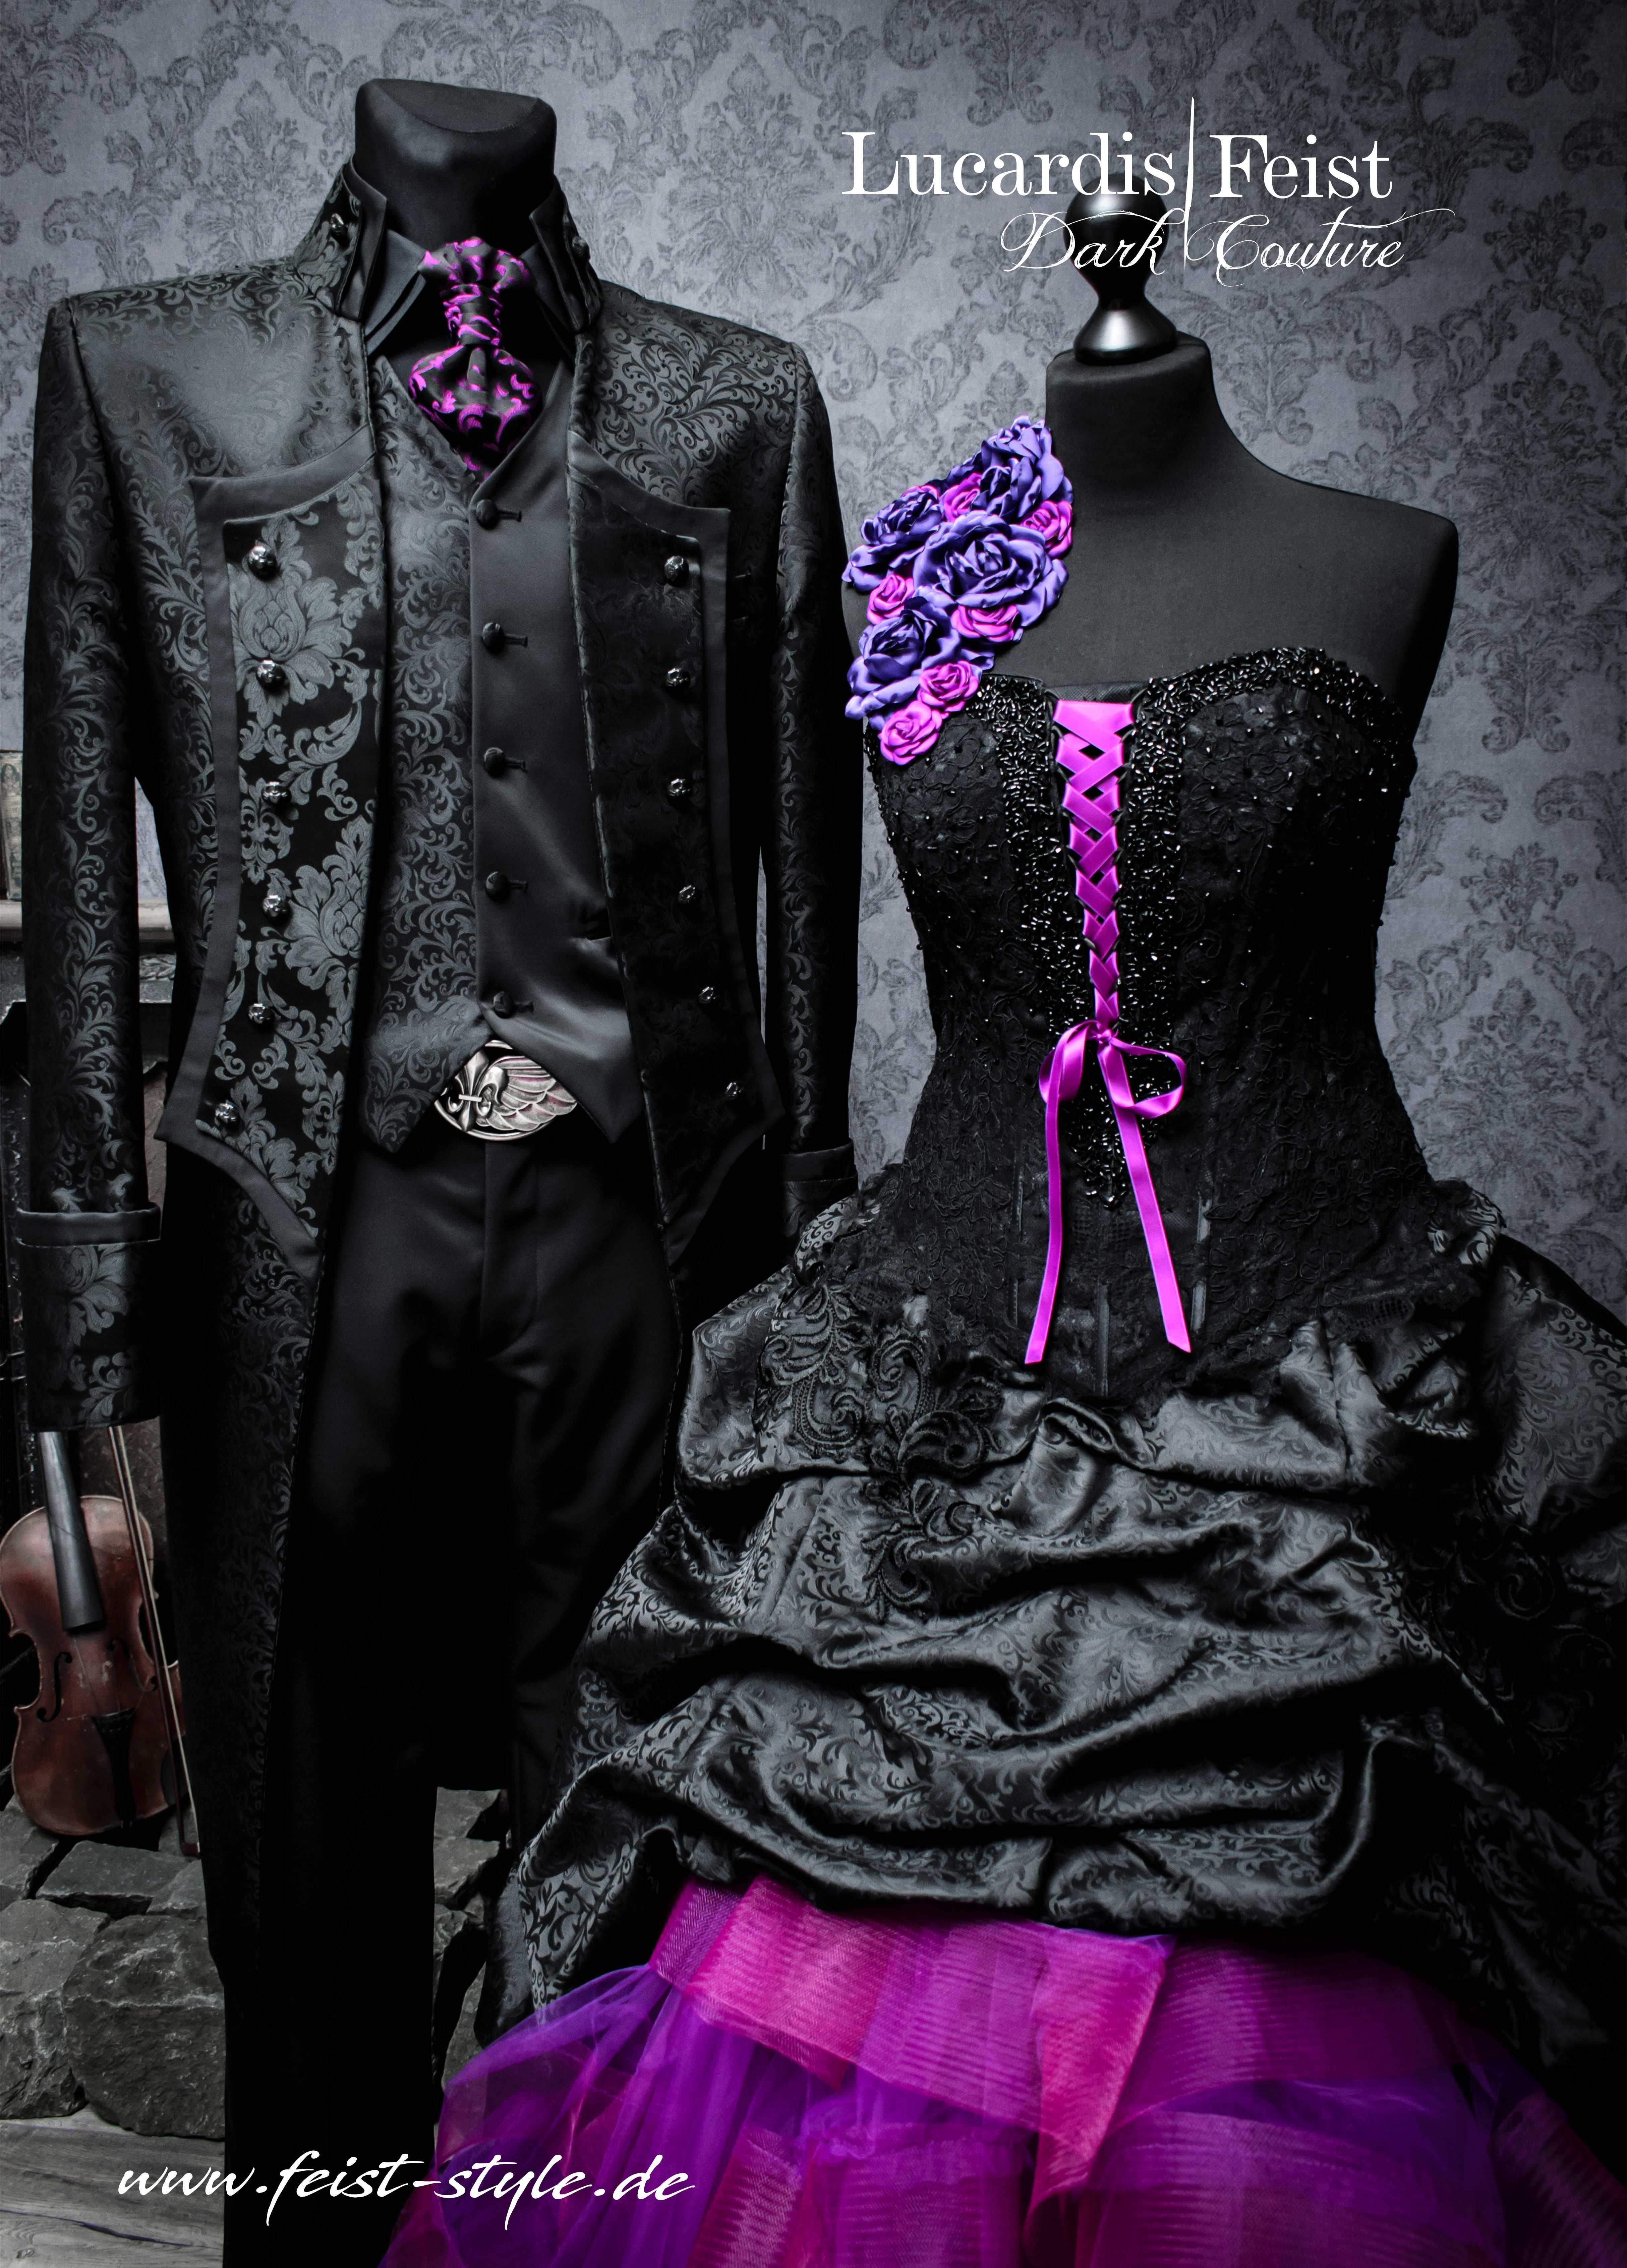 Designer Gothic Weddingfashion In 2021 Black Wedding Dresses Steampunk Wedding Dress Steampunk Wedding Gown [ 6765 x 4853 Pixel ]